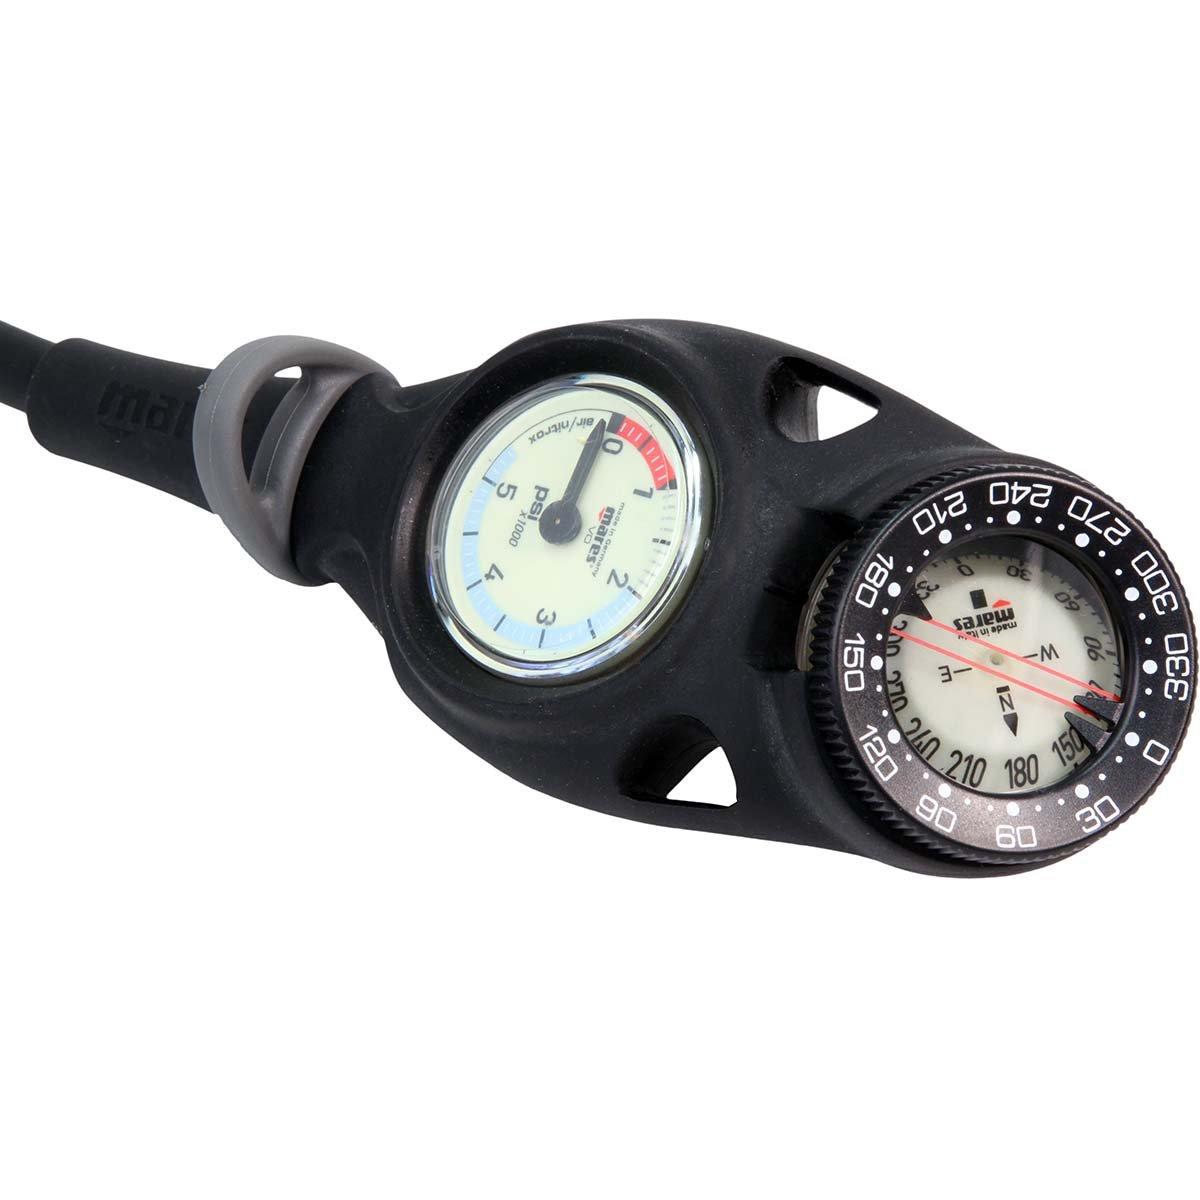 Mares Mission 2C Gauge w/ Compass